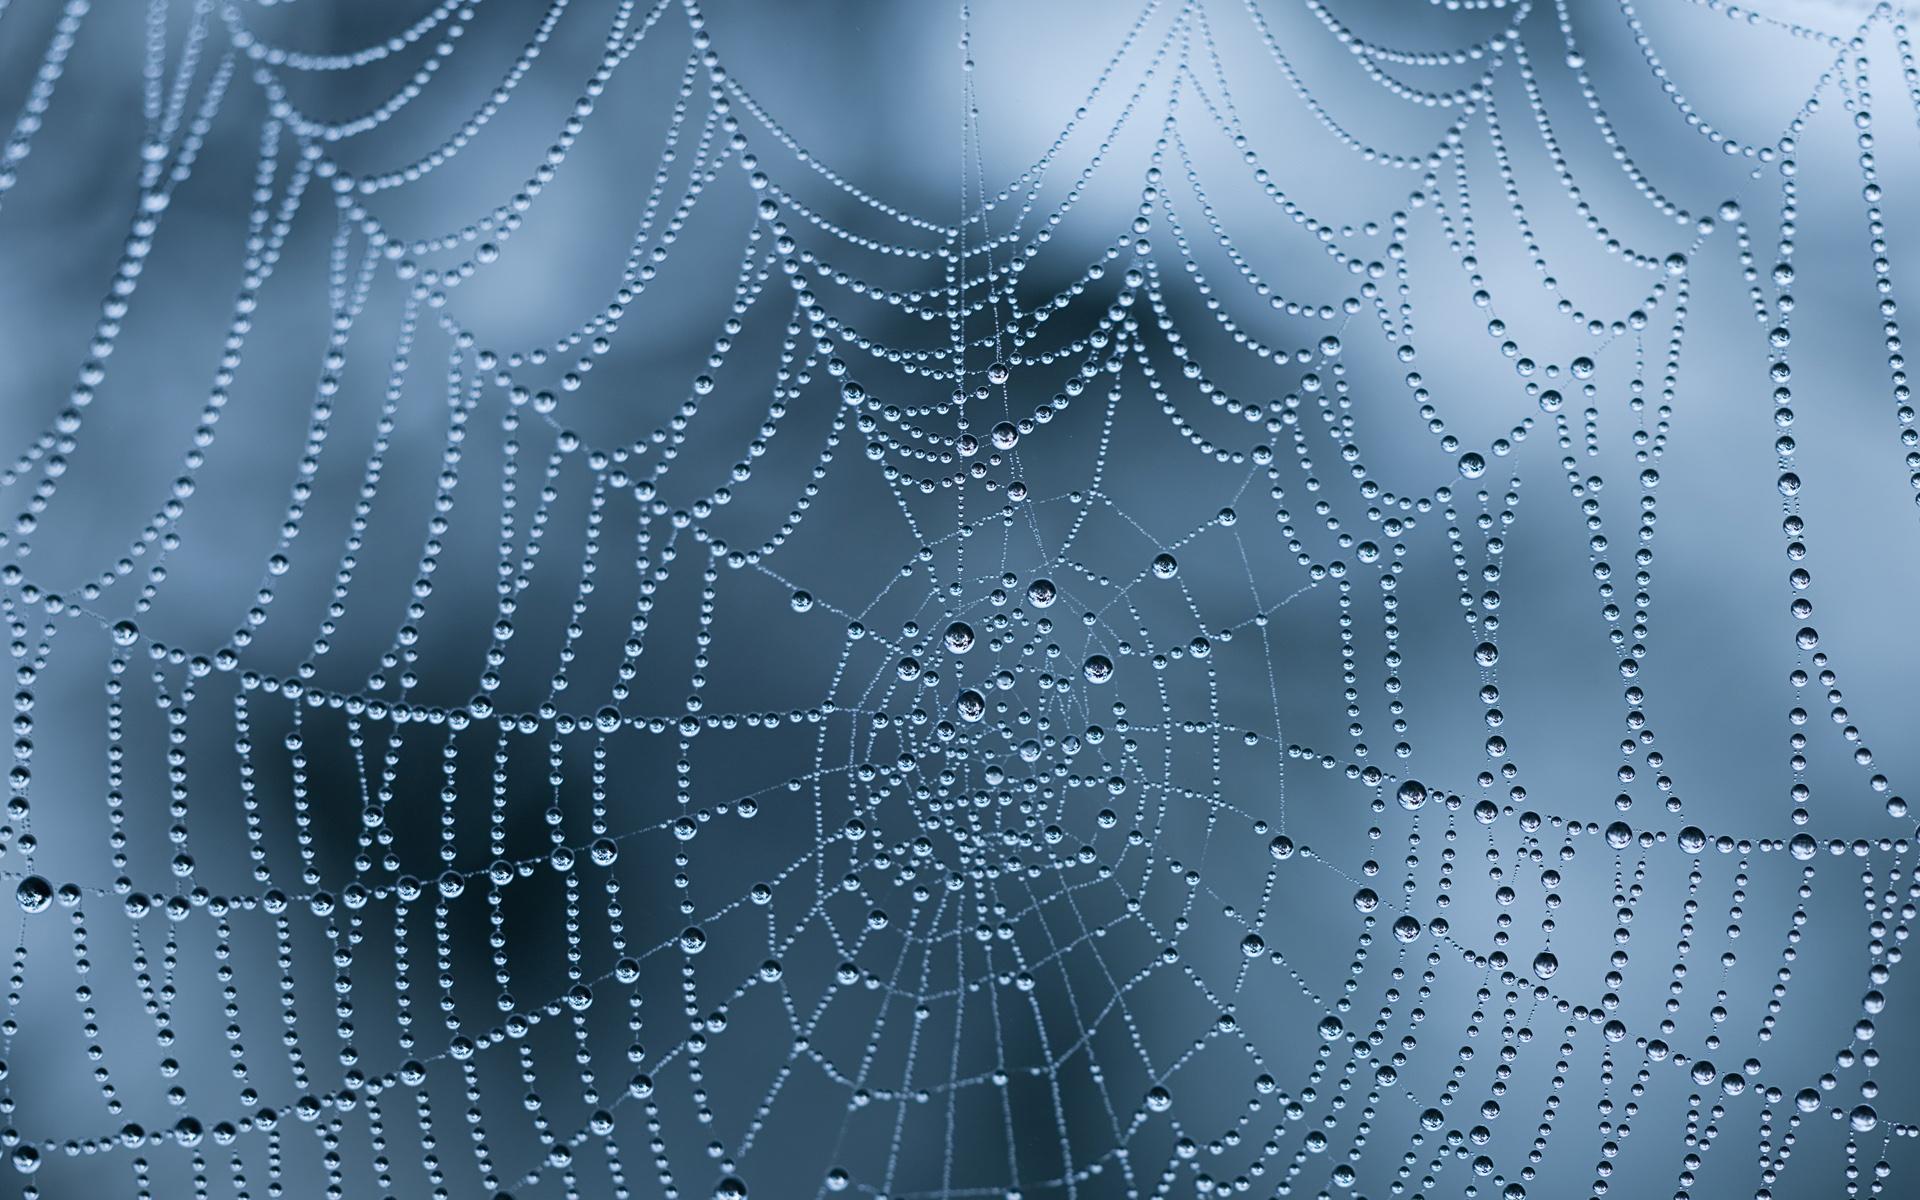 Wet Spider Web Wallpaper 49624 1920x1200 px ~ HDWallSource.com